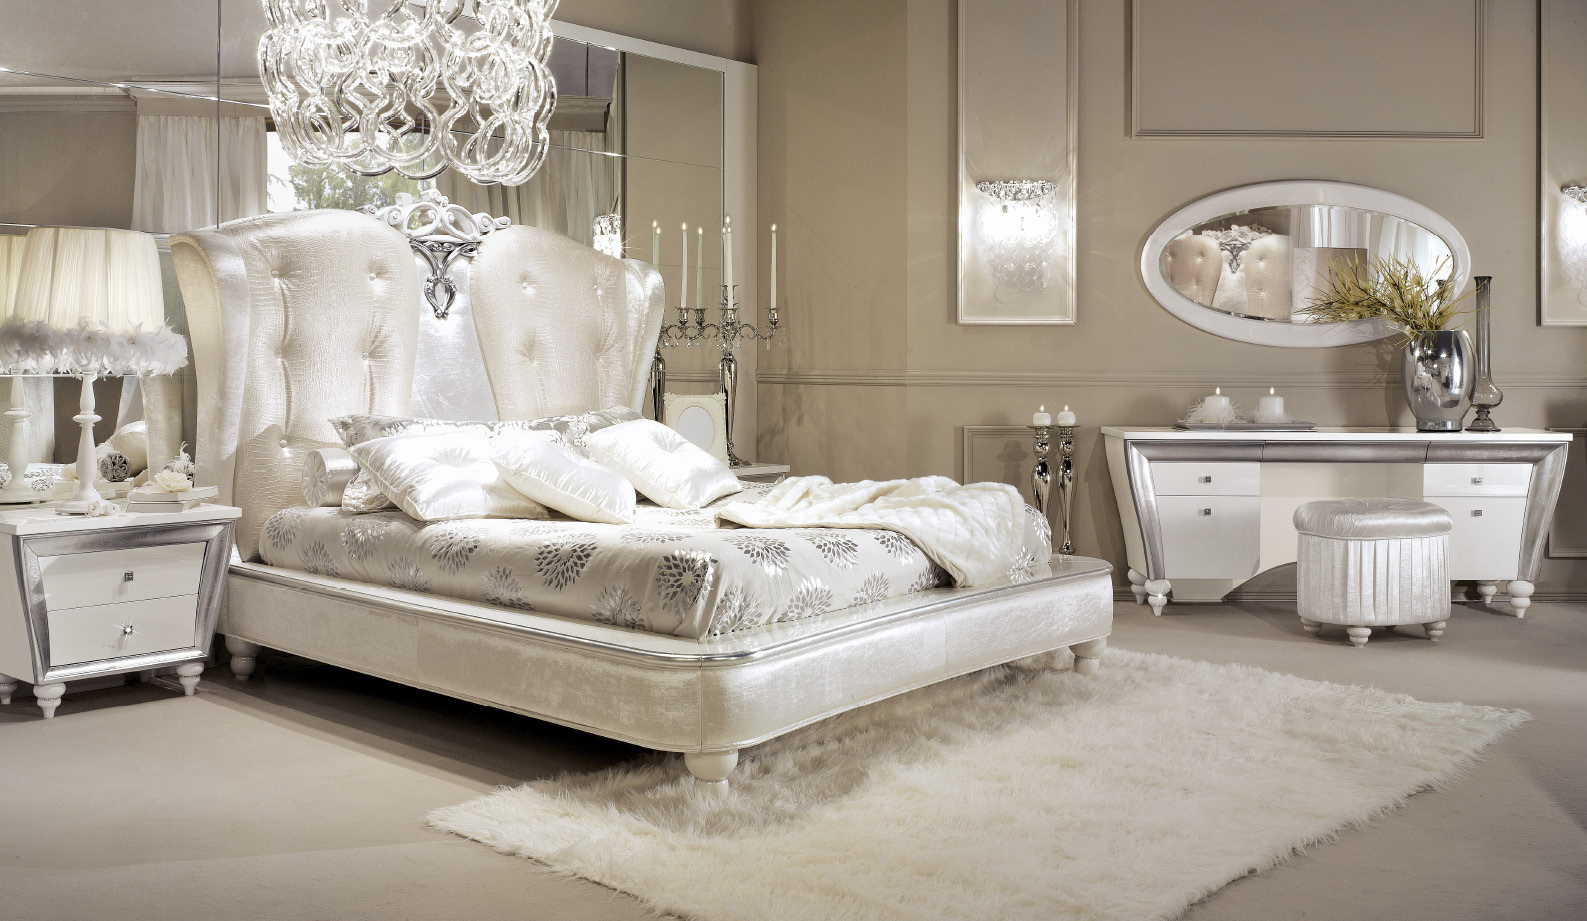 Camera Da Letto Bianco : Camera da letto bianca e argento ecco idee che vi stupiranno